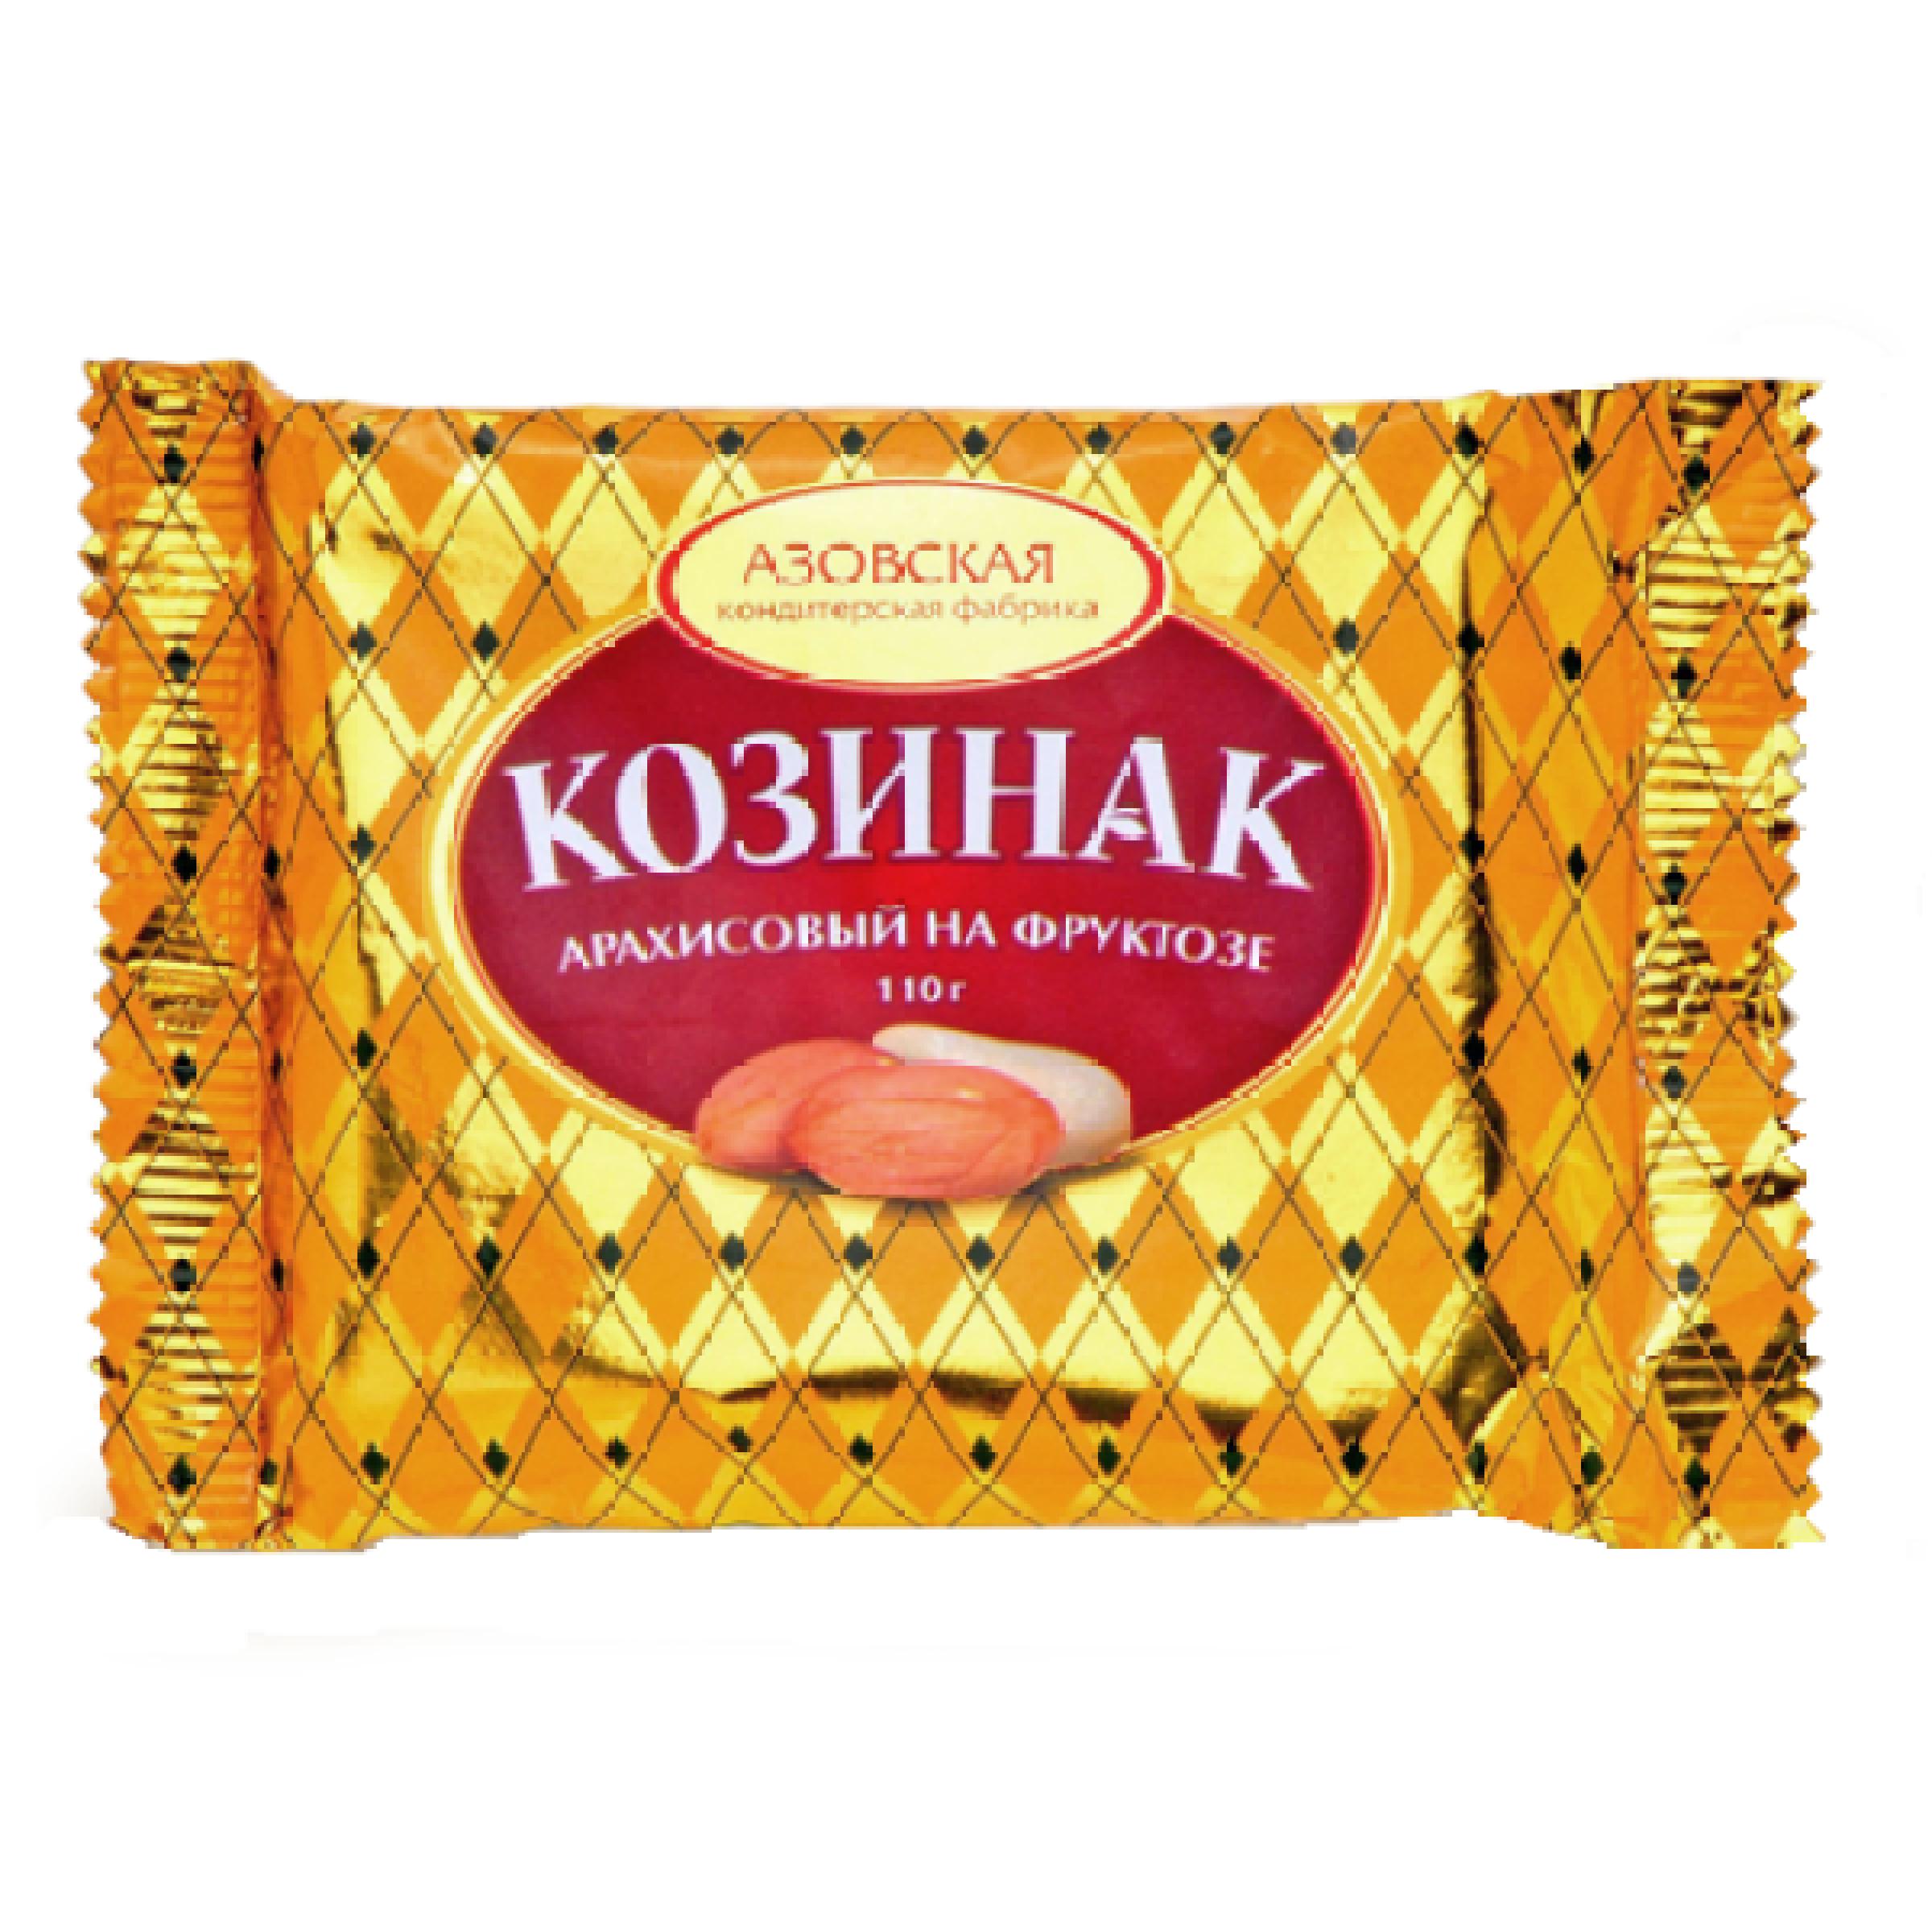 Козинак арахисовый на фруктозе, Азовская кондитерская фабрика, 110 гр